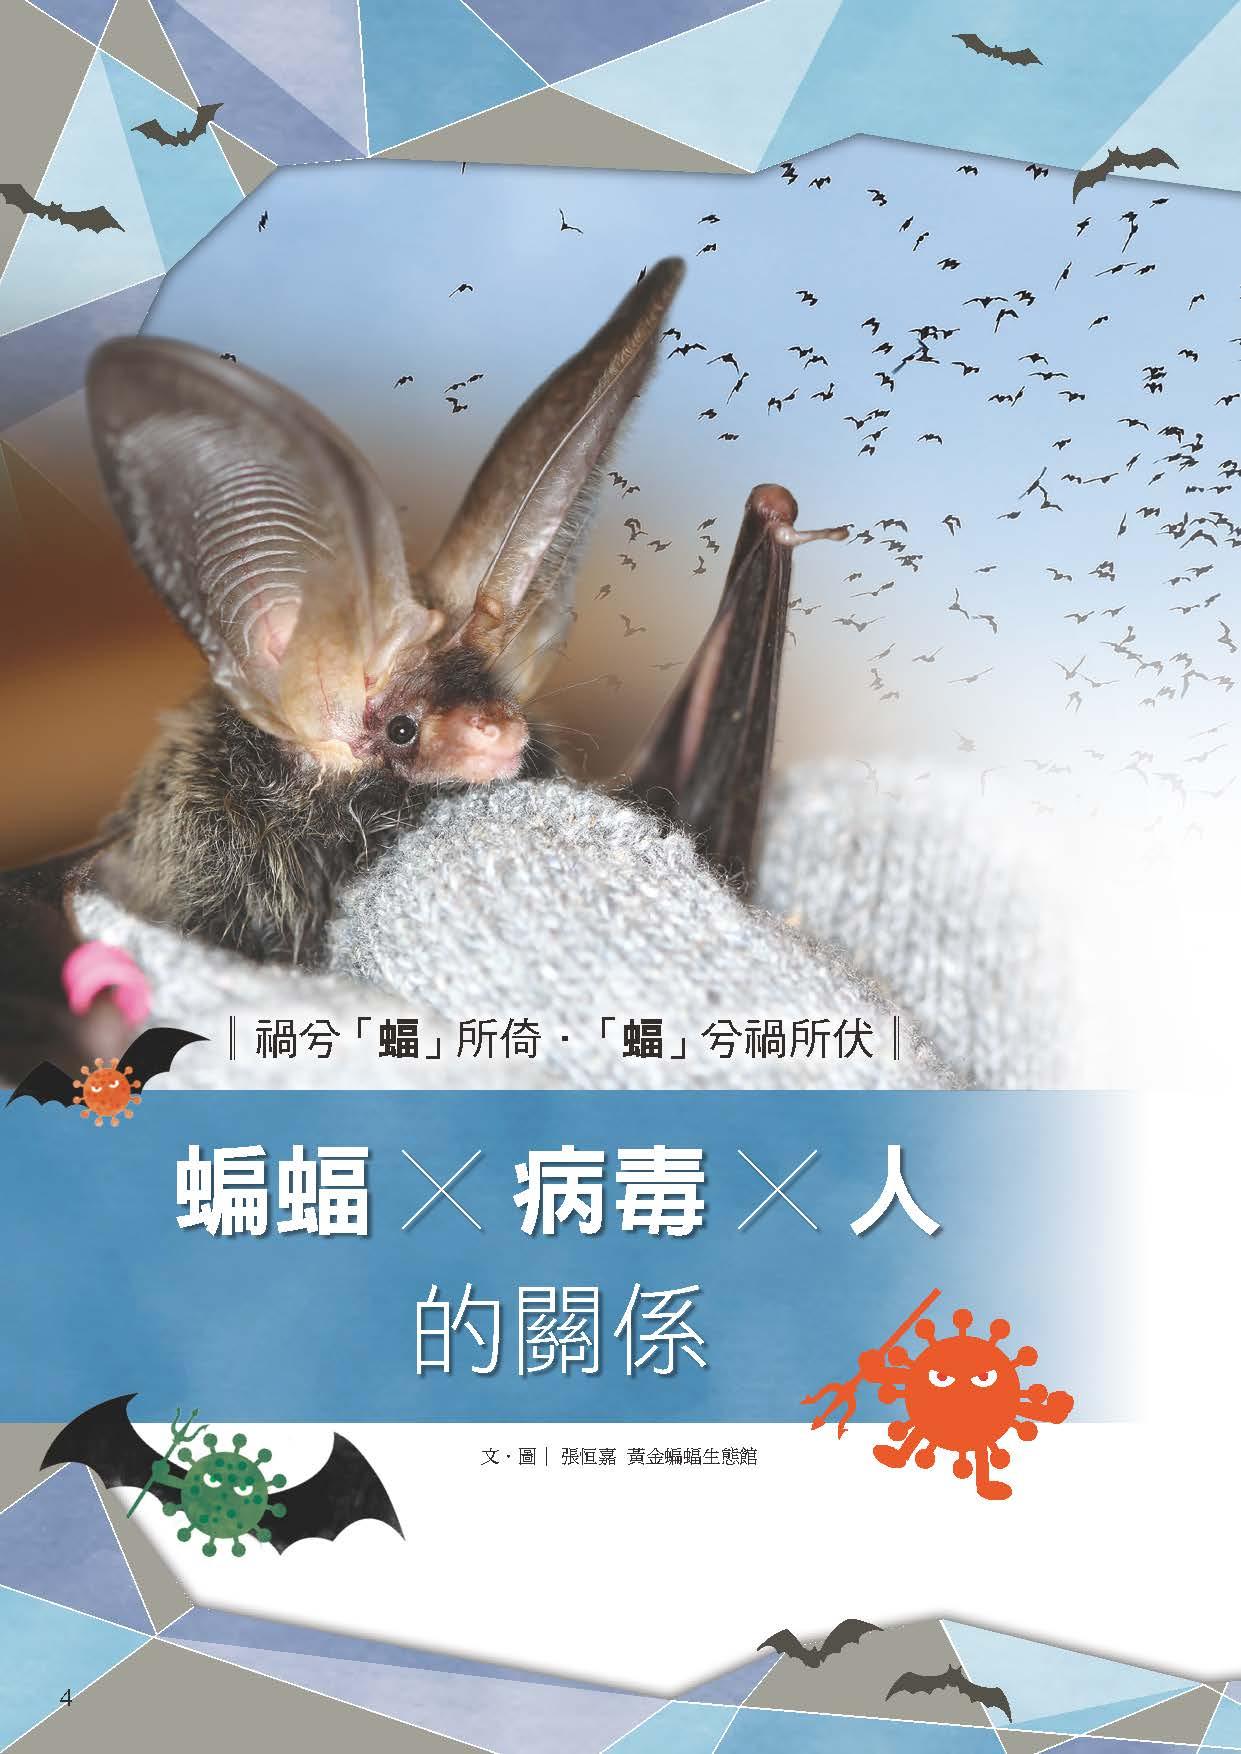 1張恒嘉。2020。蝠兮-蝙蝠病毒與人。動物園雜誌,159期,頁-。 - 複製.jpg